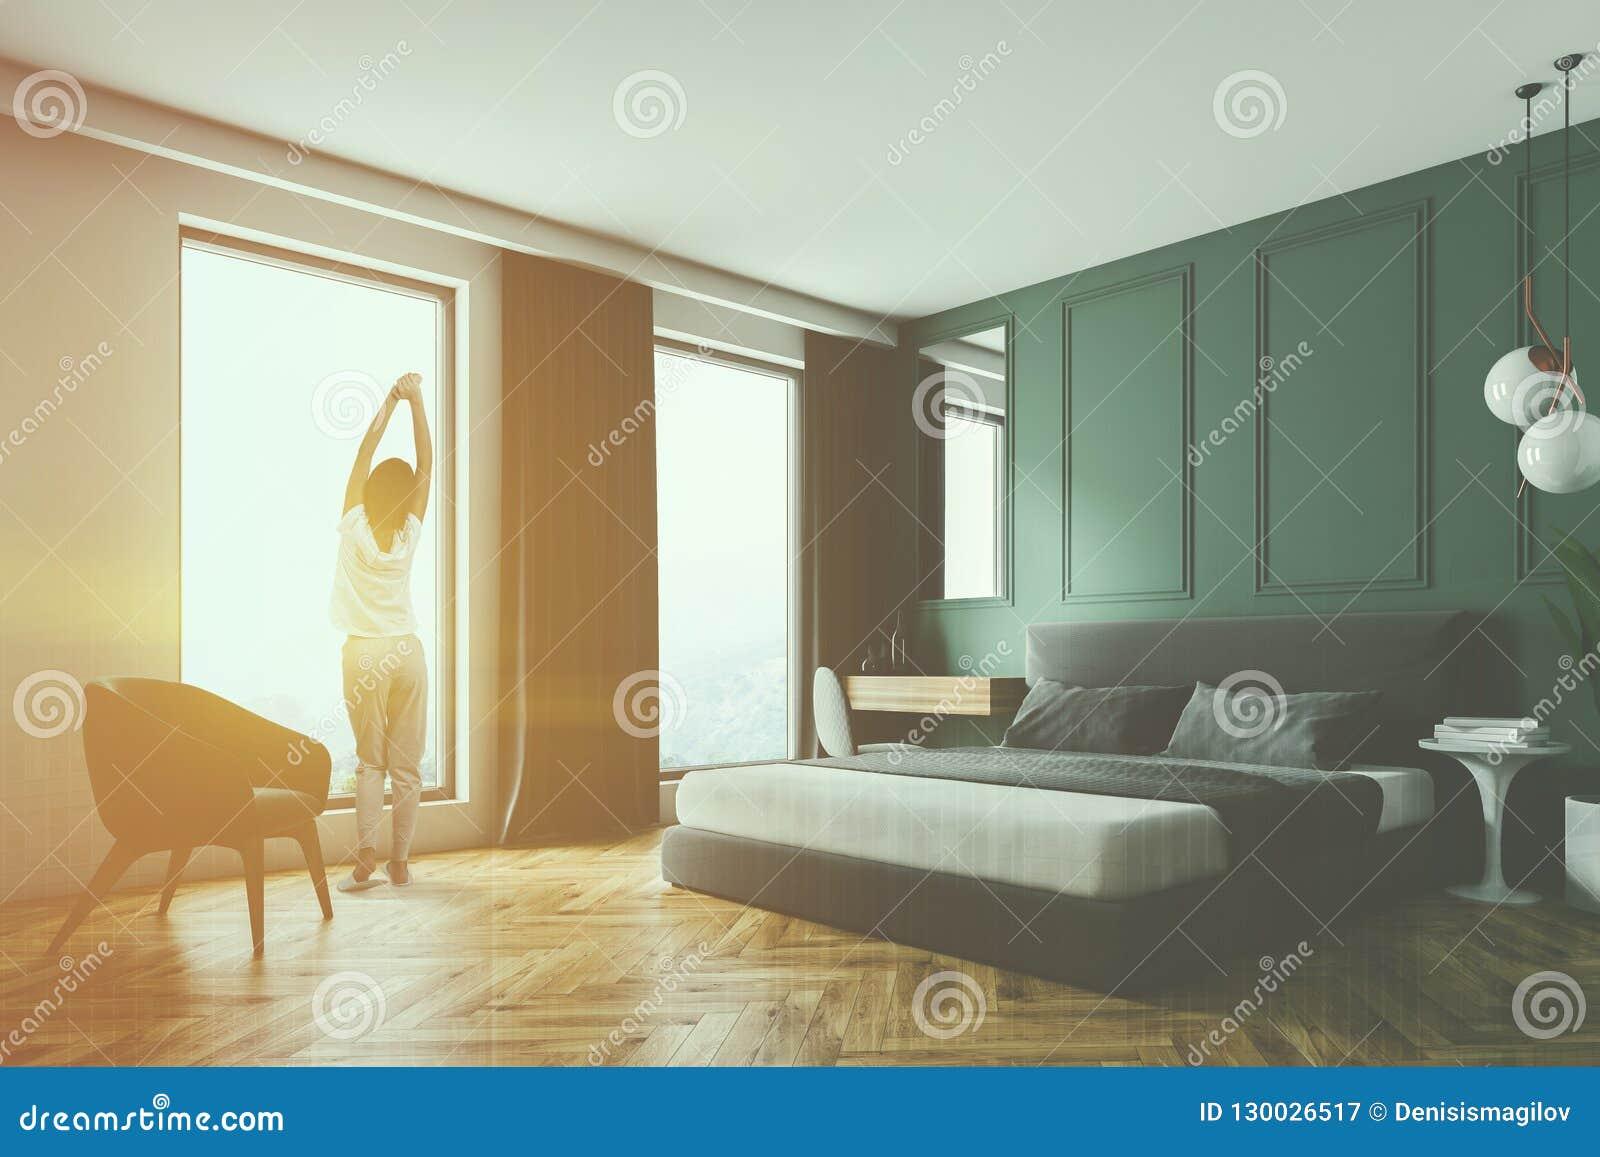 Camera Da Letto Verde E Nera : Angolo verde della camera da letto della parete poltrona donna